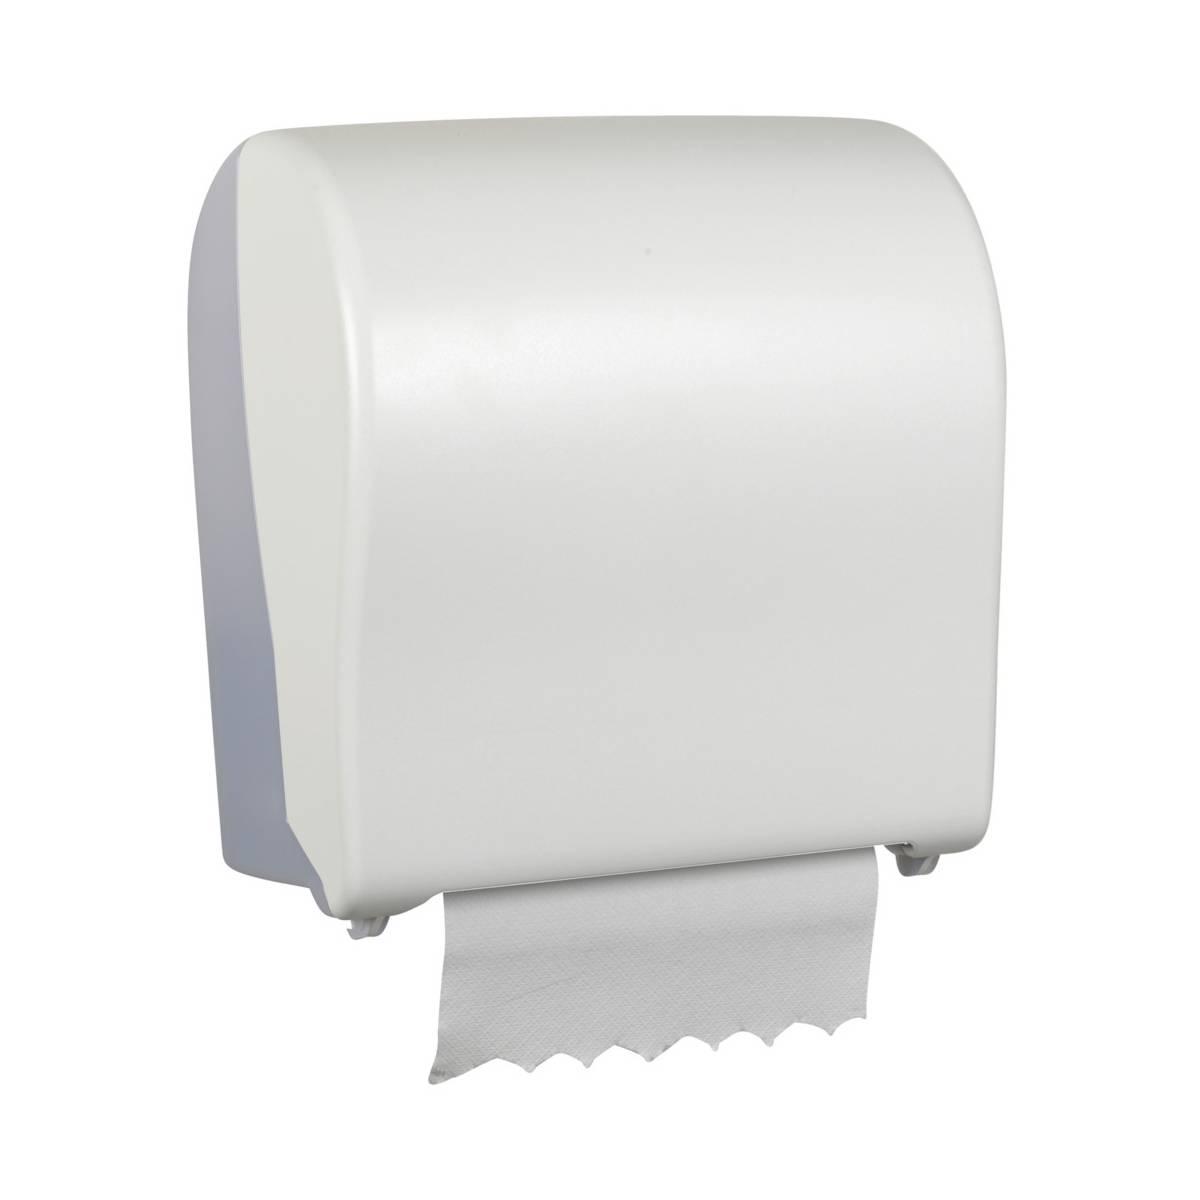 Держатель бумажных рулонных полотенец Compact Autocut (15027) 15027 Achton A/S